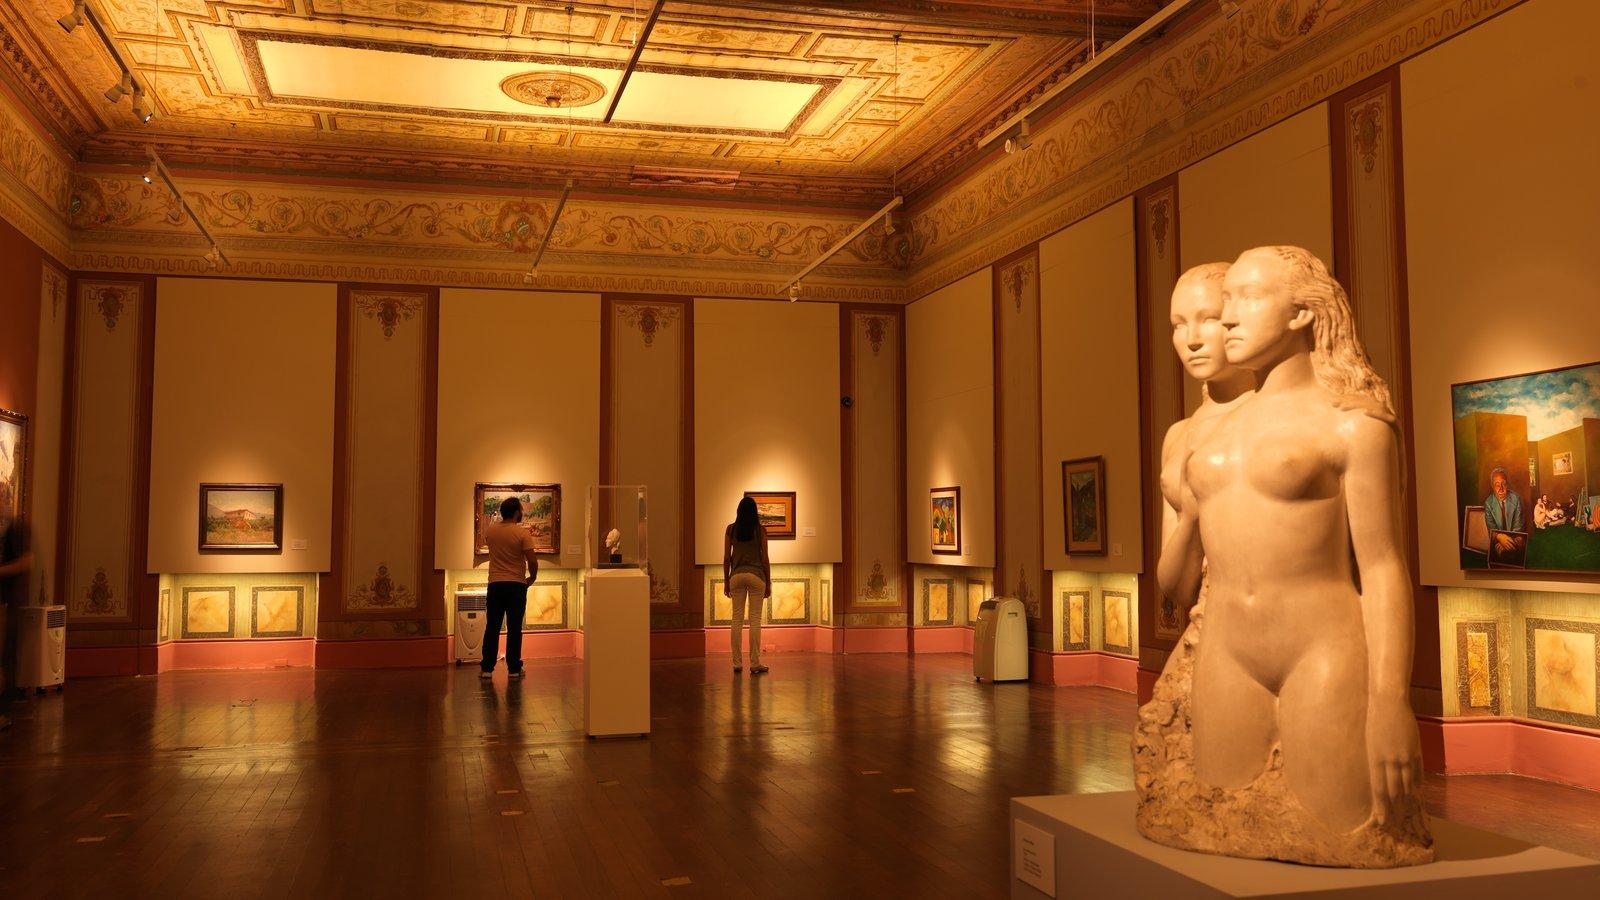 Belo Horizonte que inclui vistas internas e uma estátua ou escultura